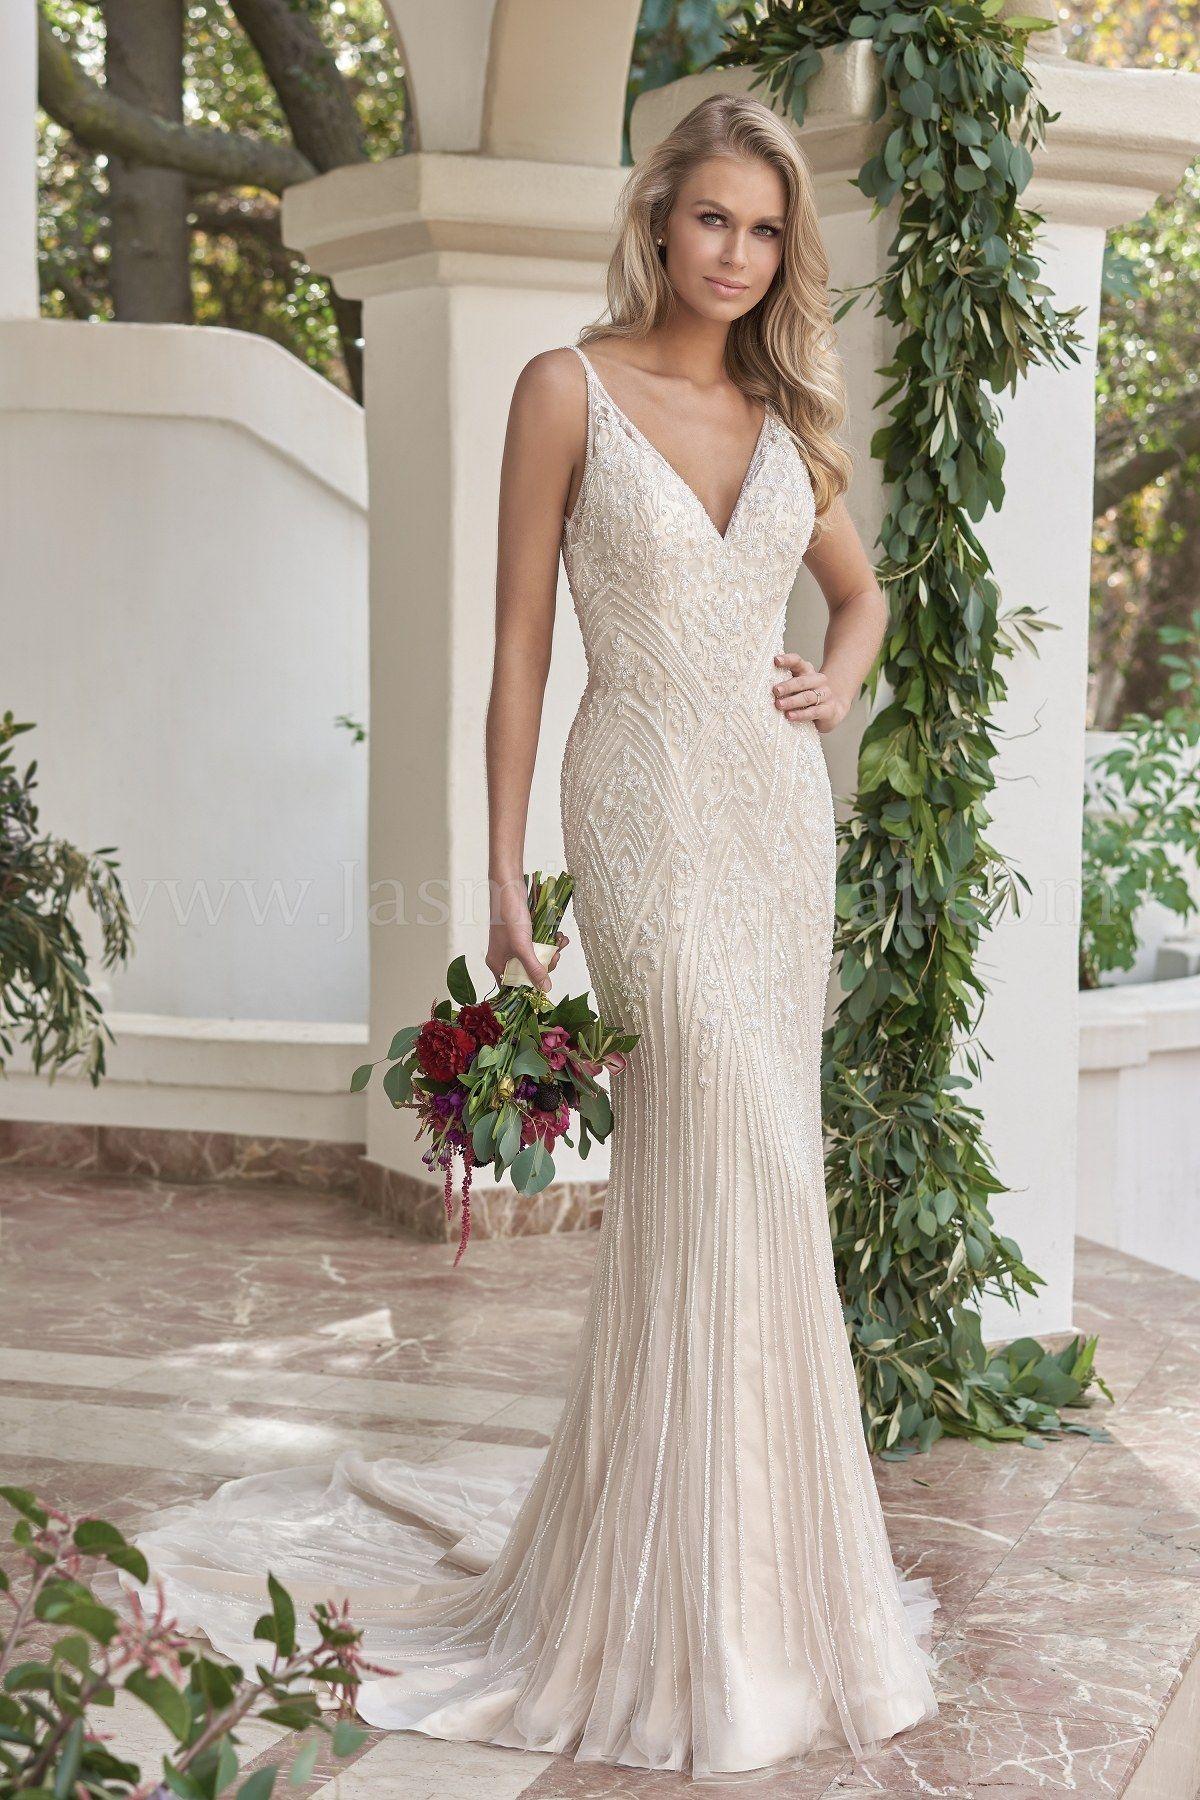 T202059 V Neck Netting Tulle Silky Charmeuse Wedding Dress Charmeuse Wedding Dress Wedding Dresses Wedding Dresses Near Me